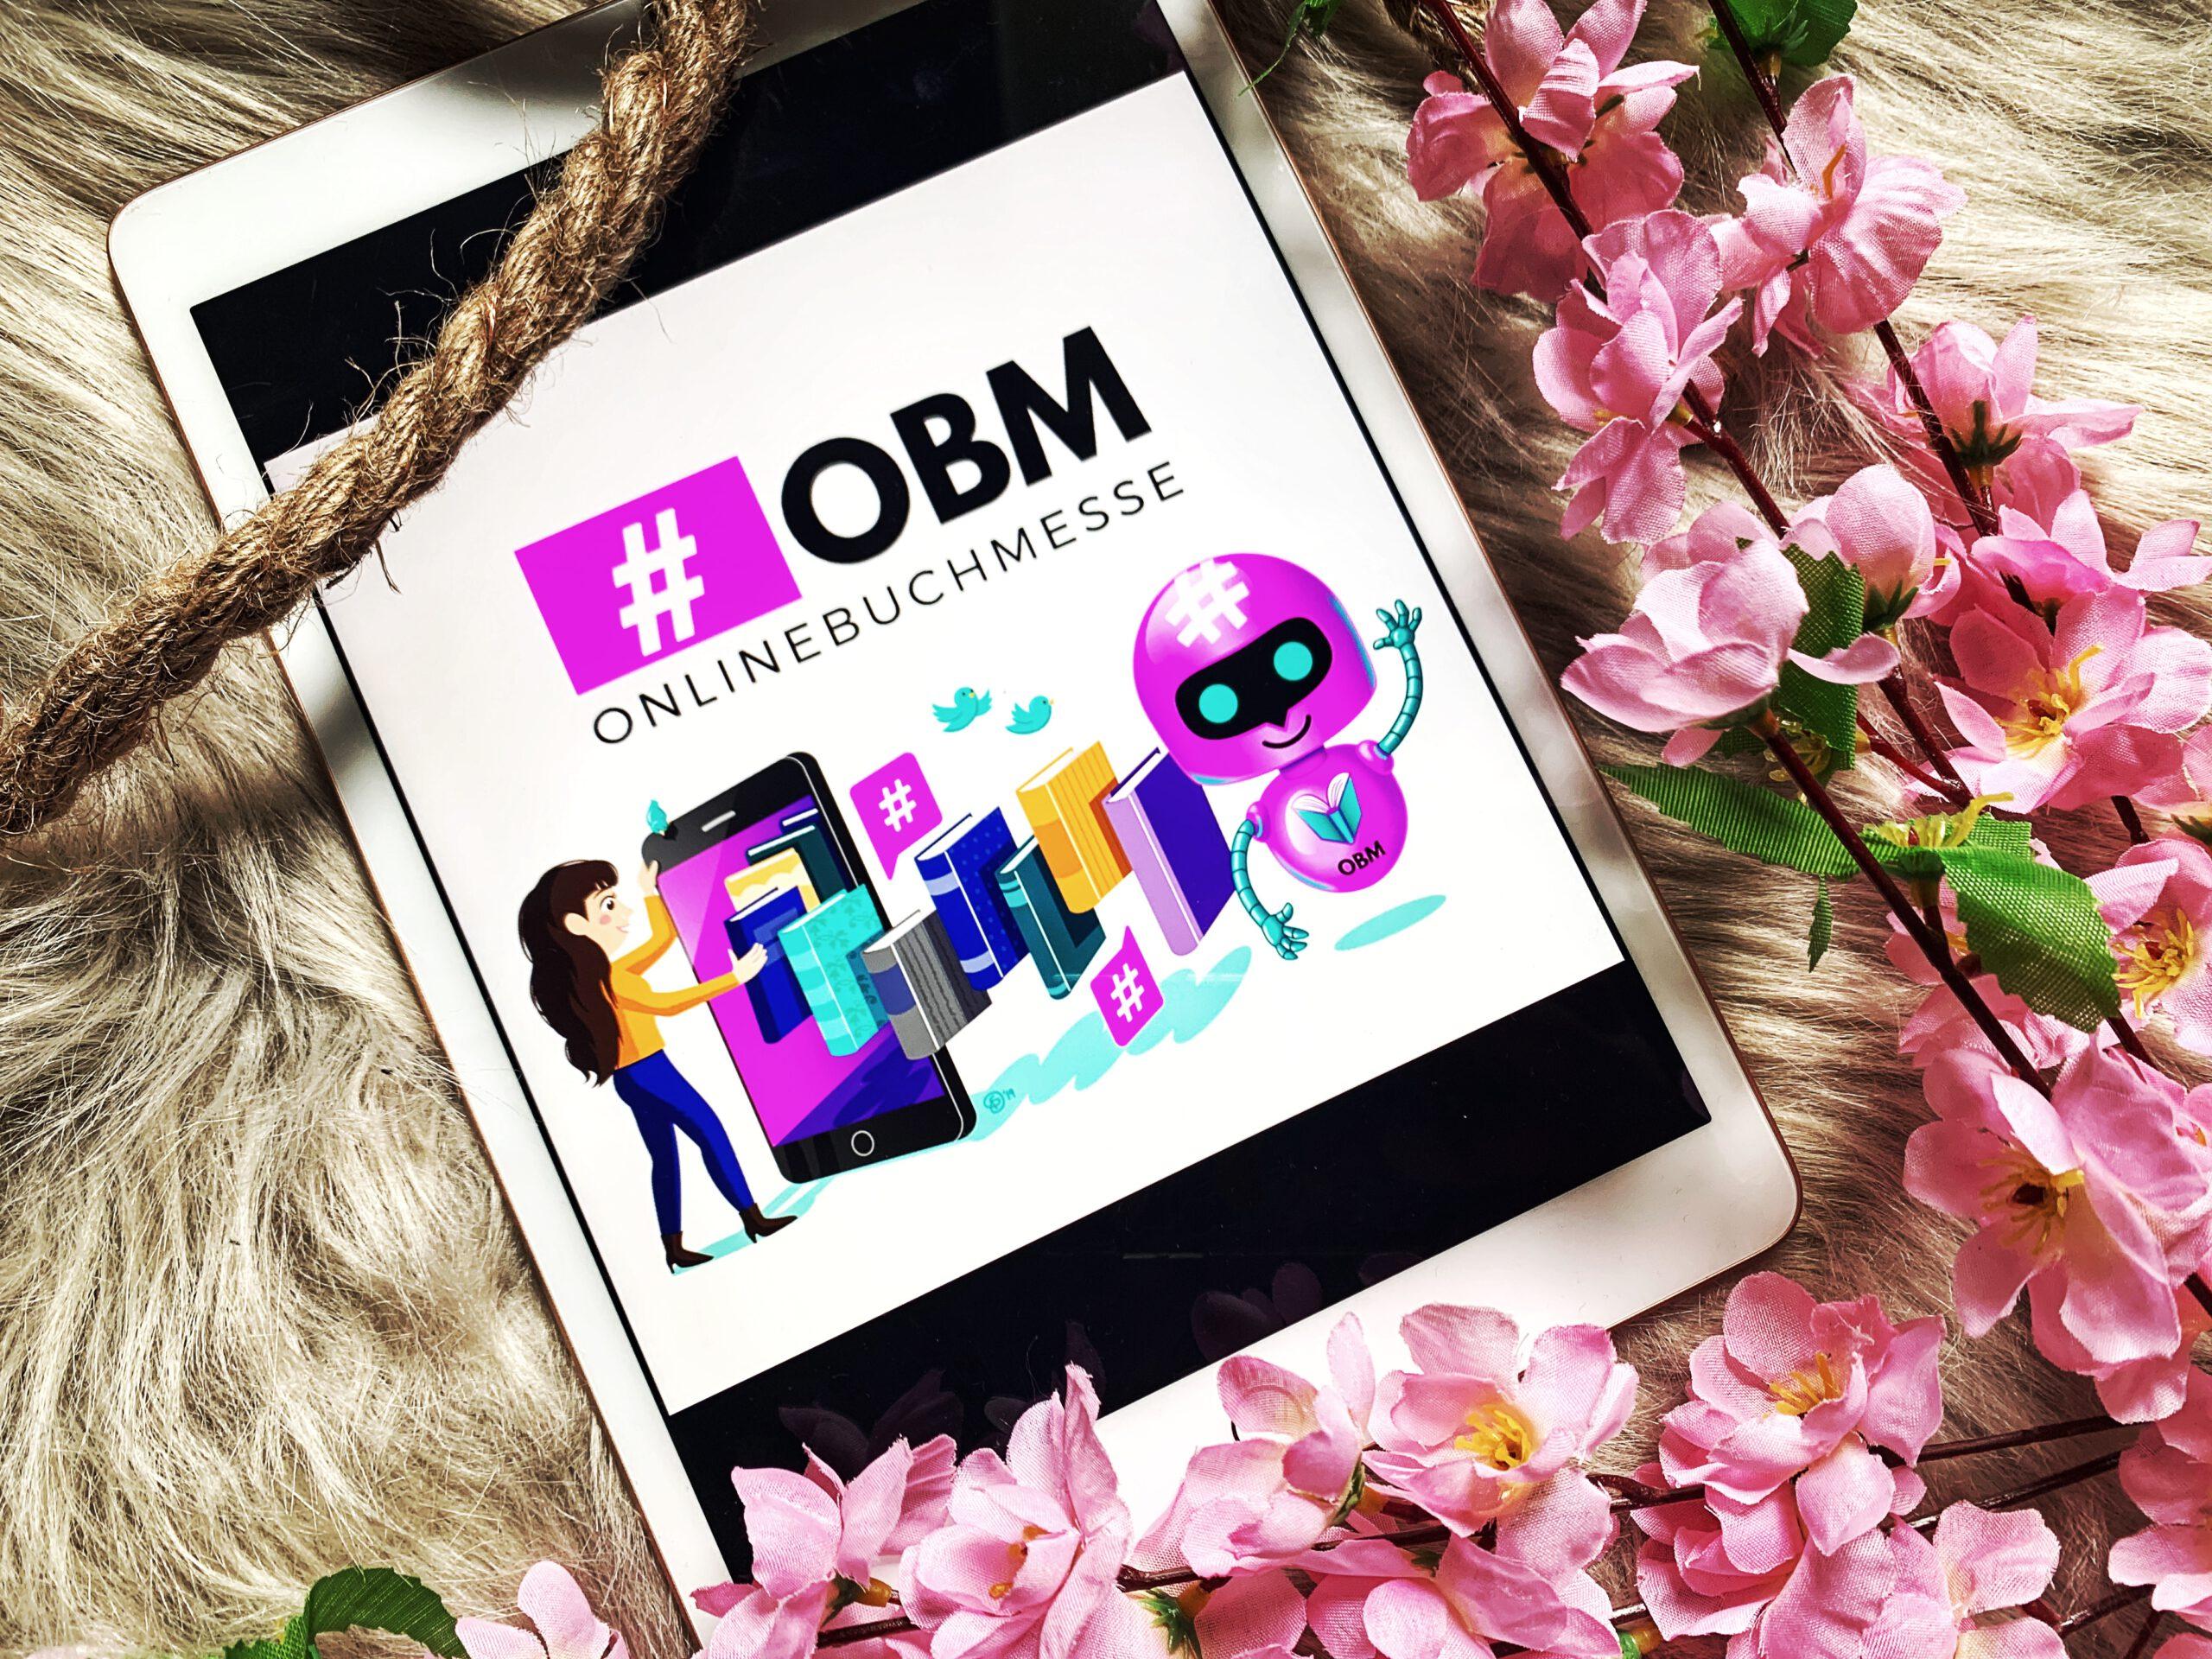 [Onlinebuchmesse] Meine Bloggerstory